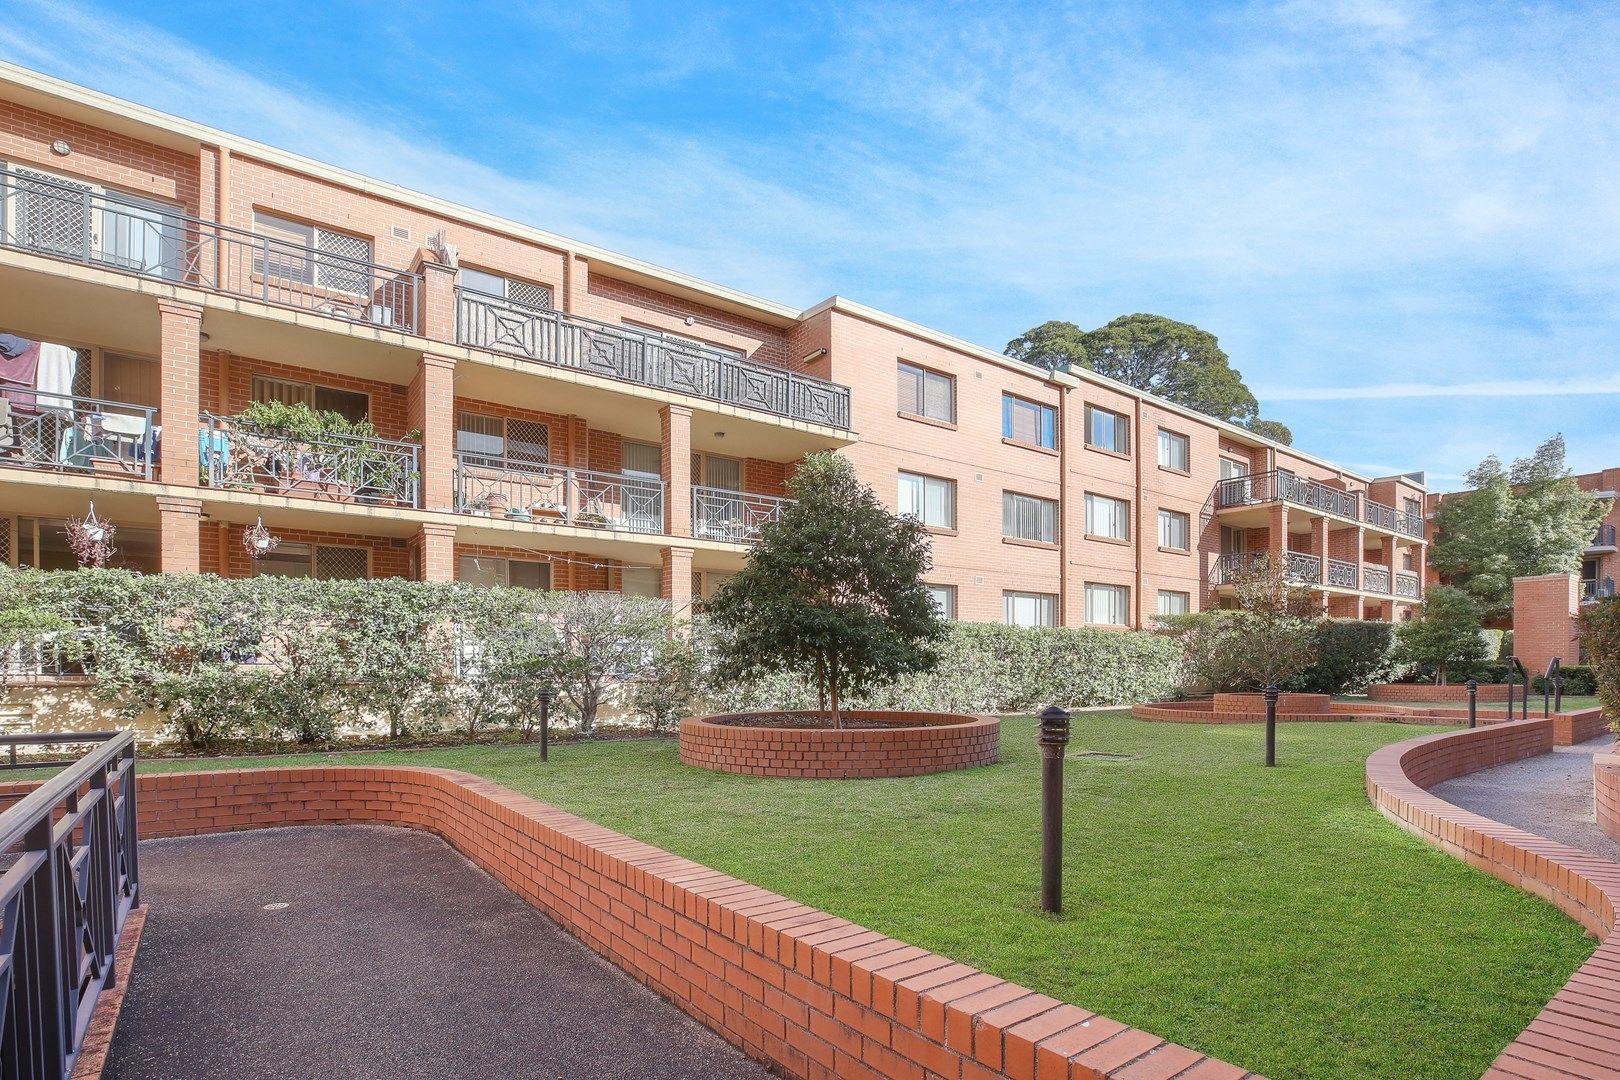 4/61-65 Glencoe Street, Sutherland NSW 2232, Image 0